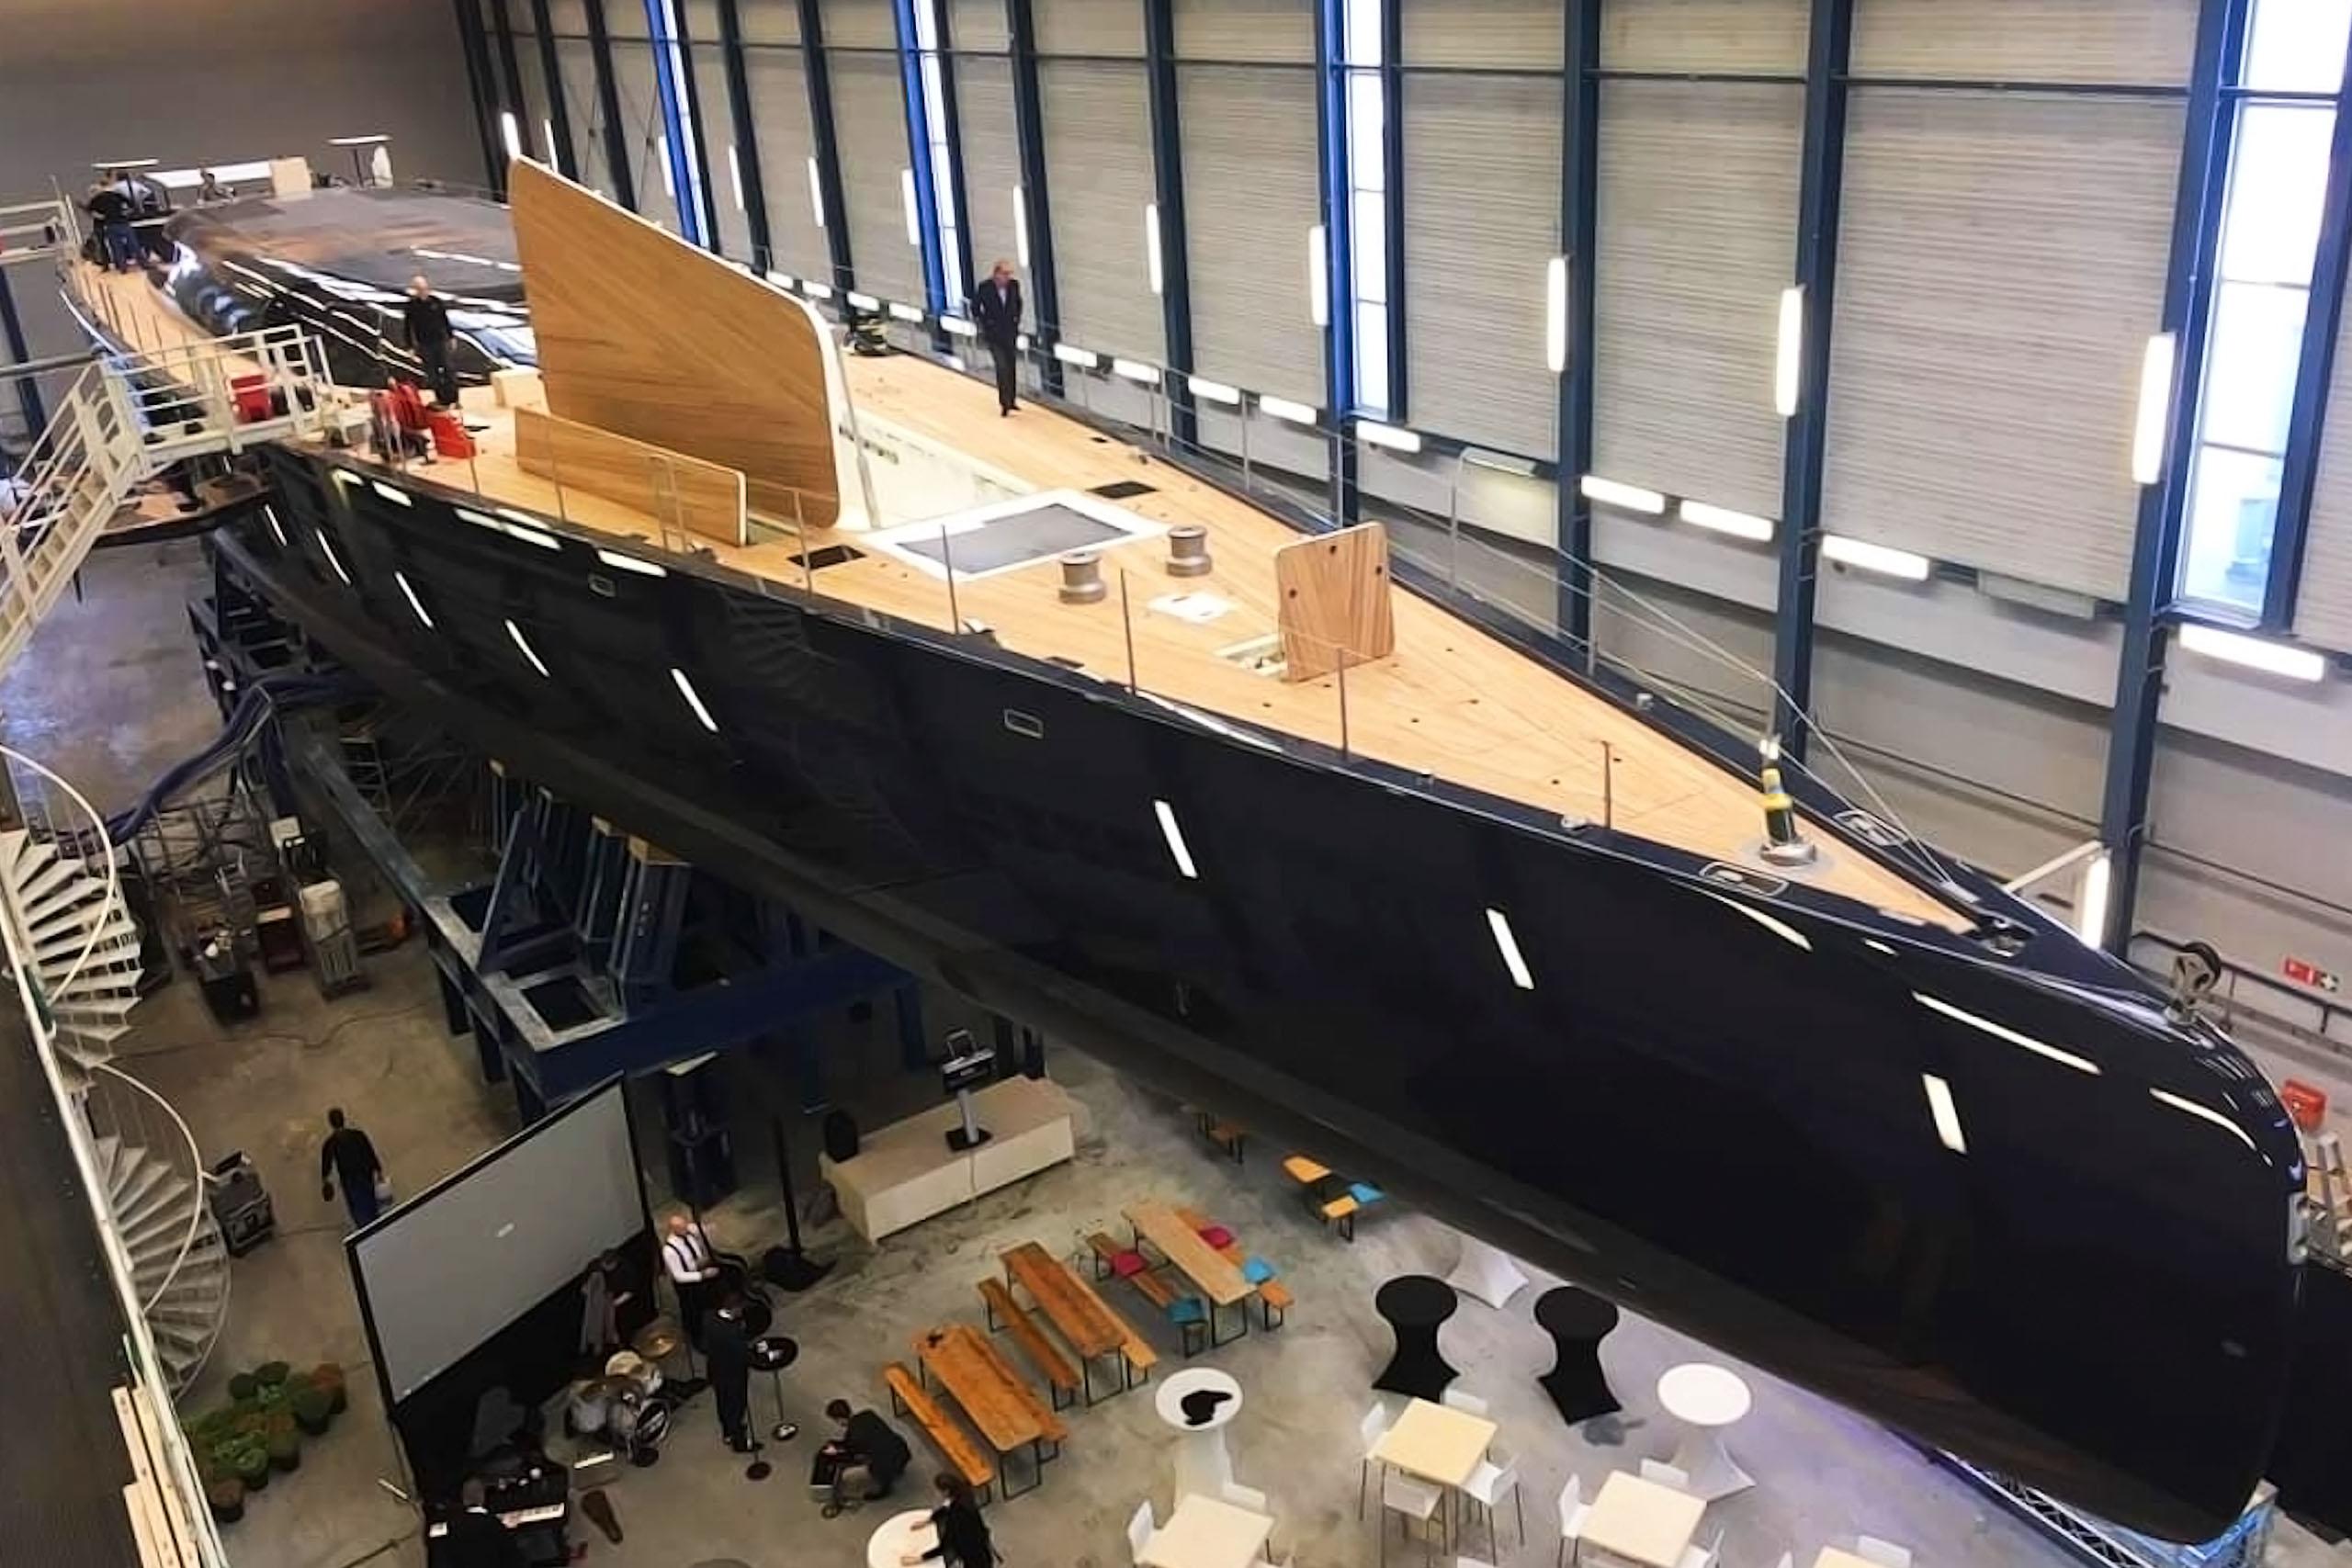 Jachtschilder Friesland-jacht-houten-boot-sloep-bootlak-jachtlak-Royal Huisman-classic-design-yacht-painter